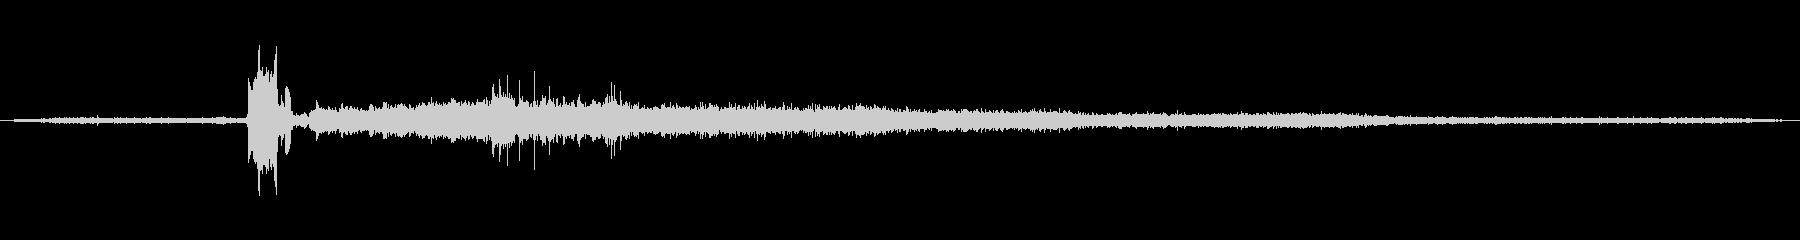 中:シングルクイックコピー、オフィ...の未再生の波形